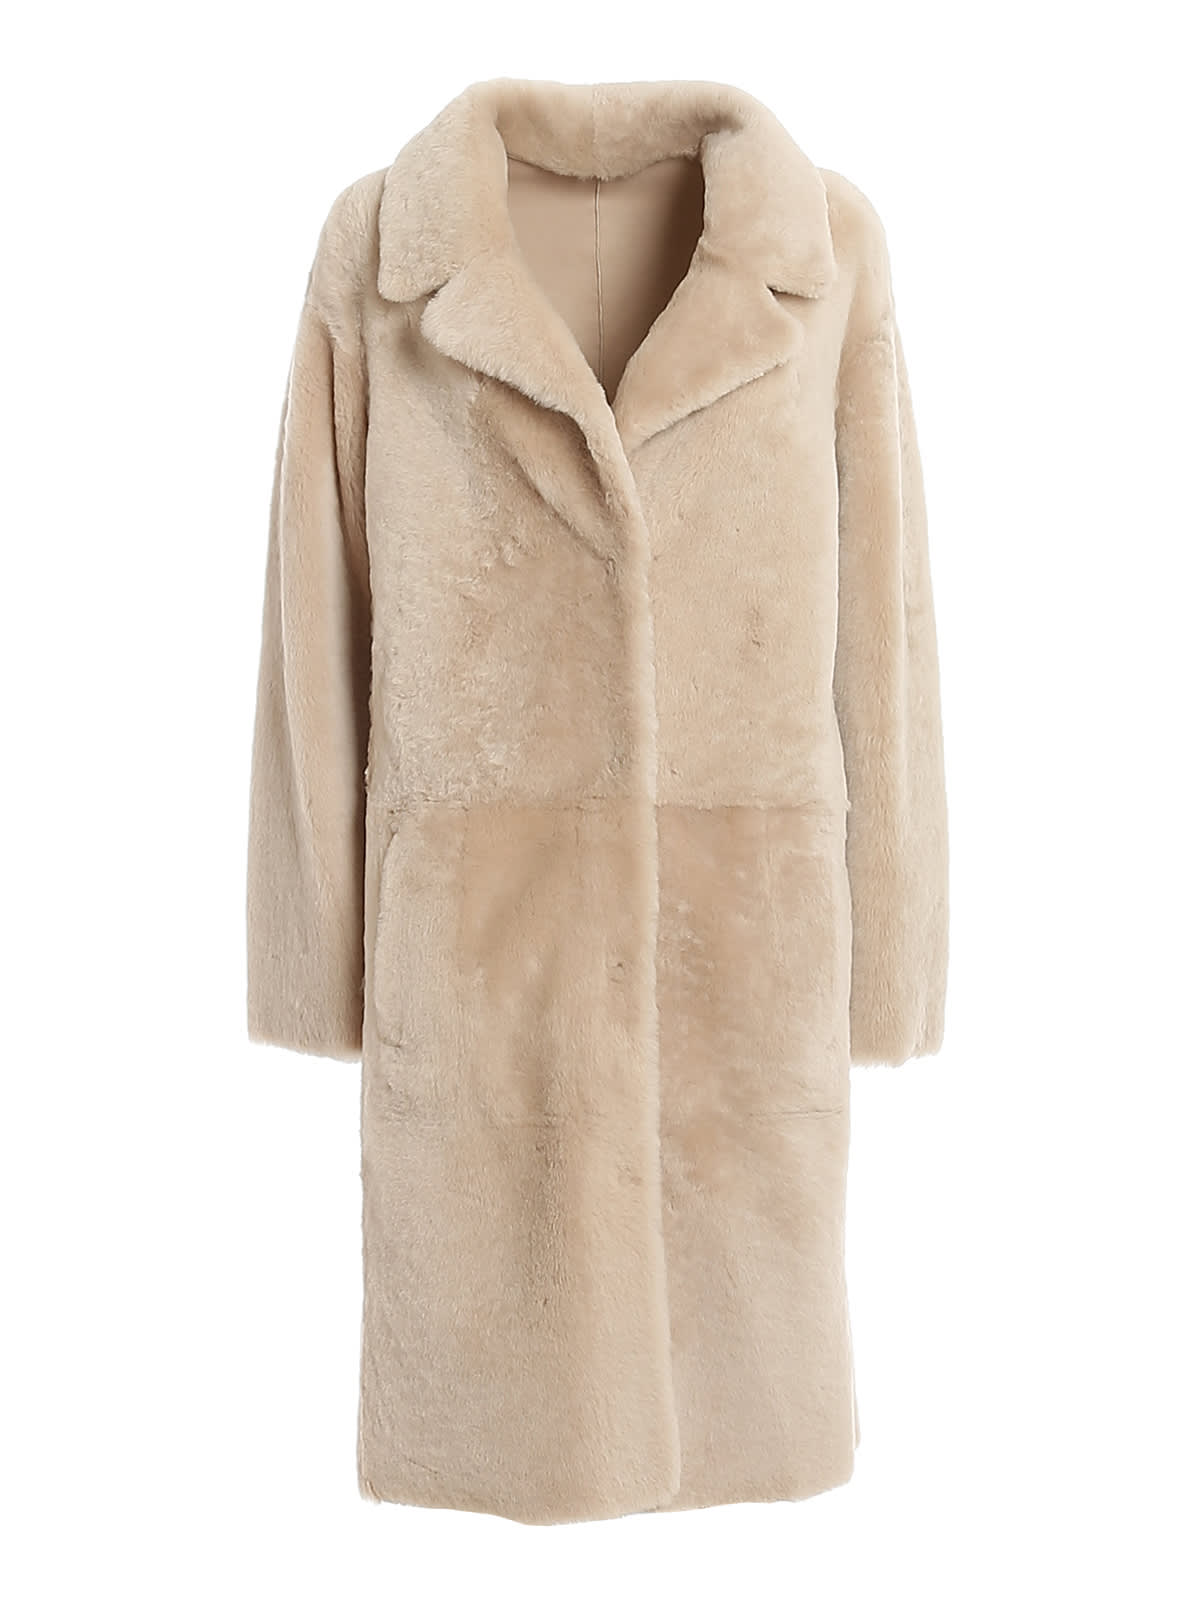 Drome Coats SHEARLING COAT